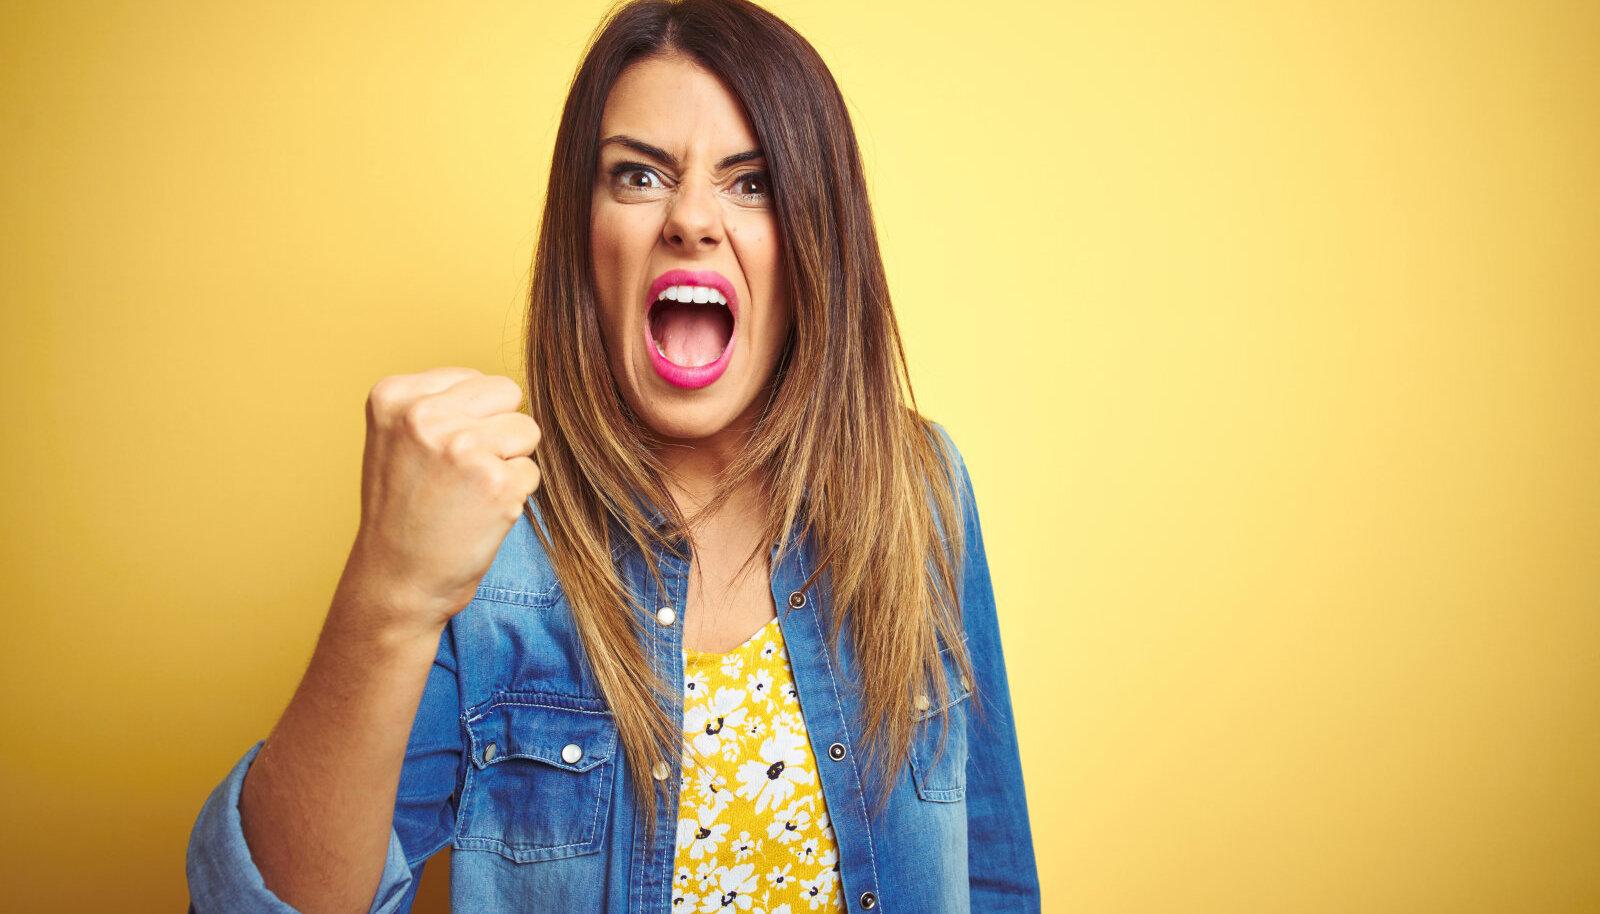 Viha allasurumine on kahjulik ning seda ei suuda mitte keegi teha lõputult.